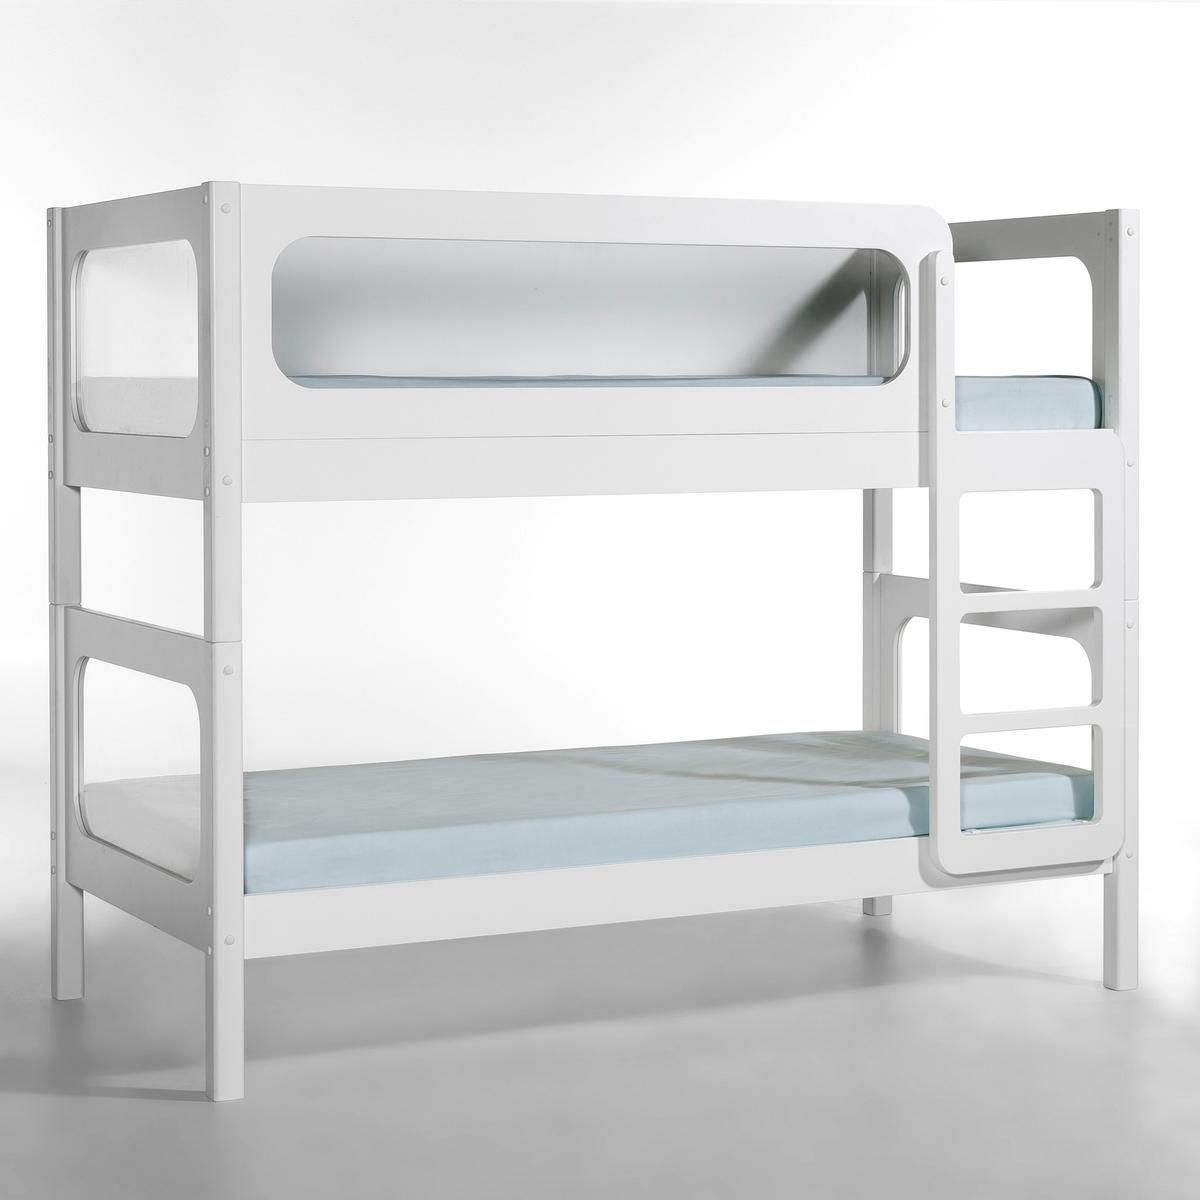 Кровать двухъярусная Pilha кровать из массива дерева credit suisse 1 2 1 5 1 8